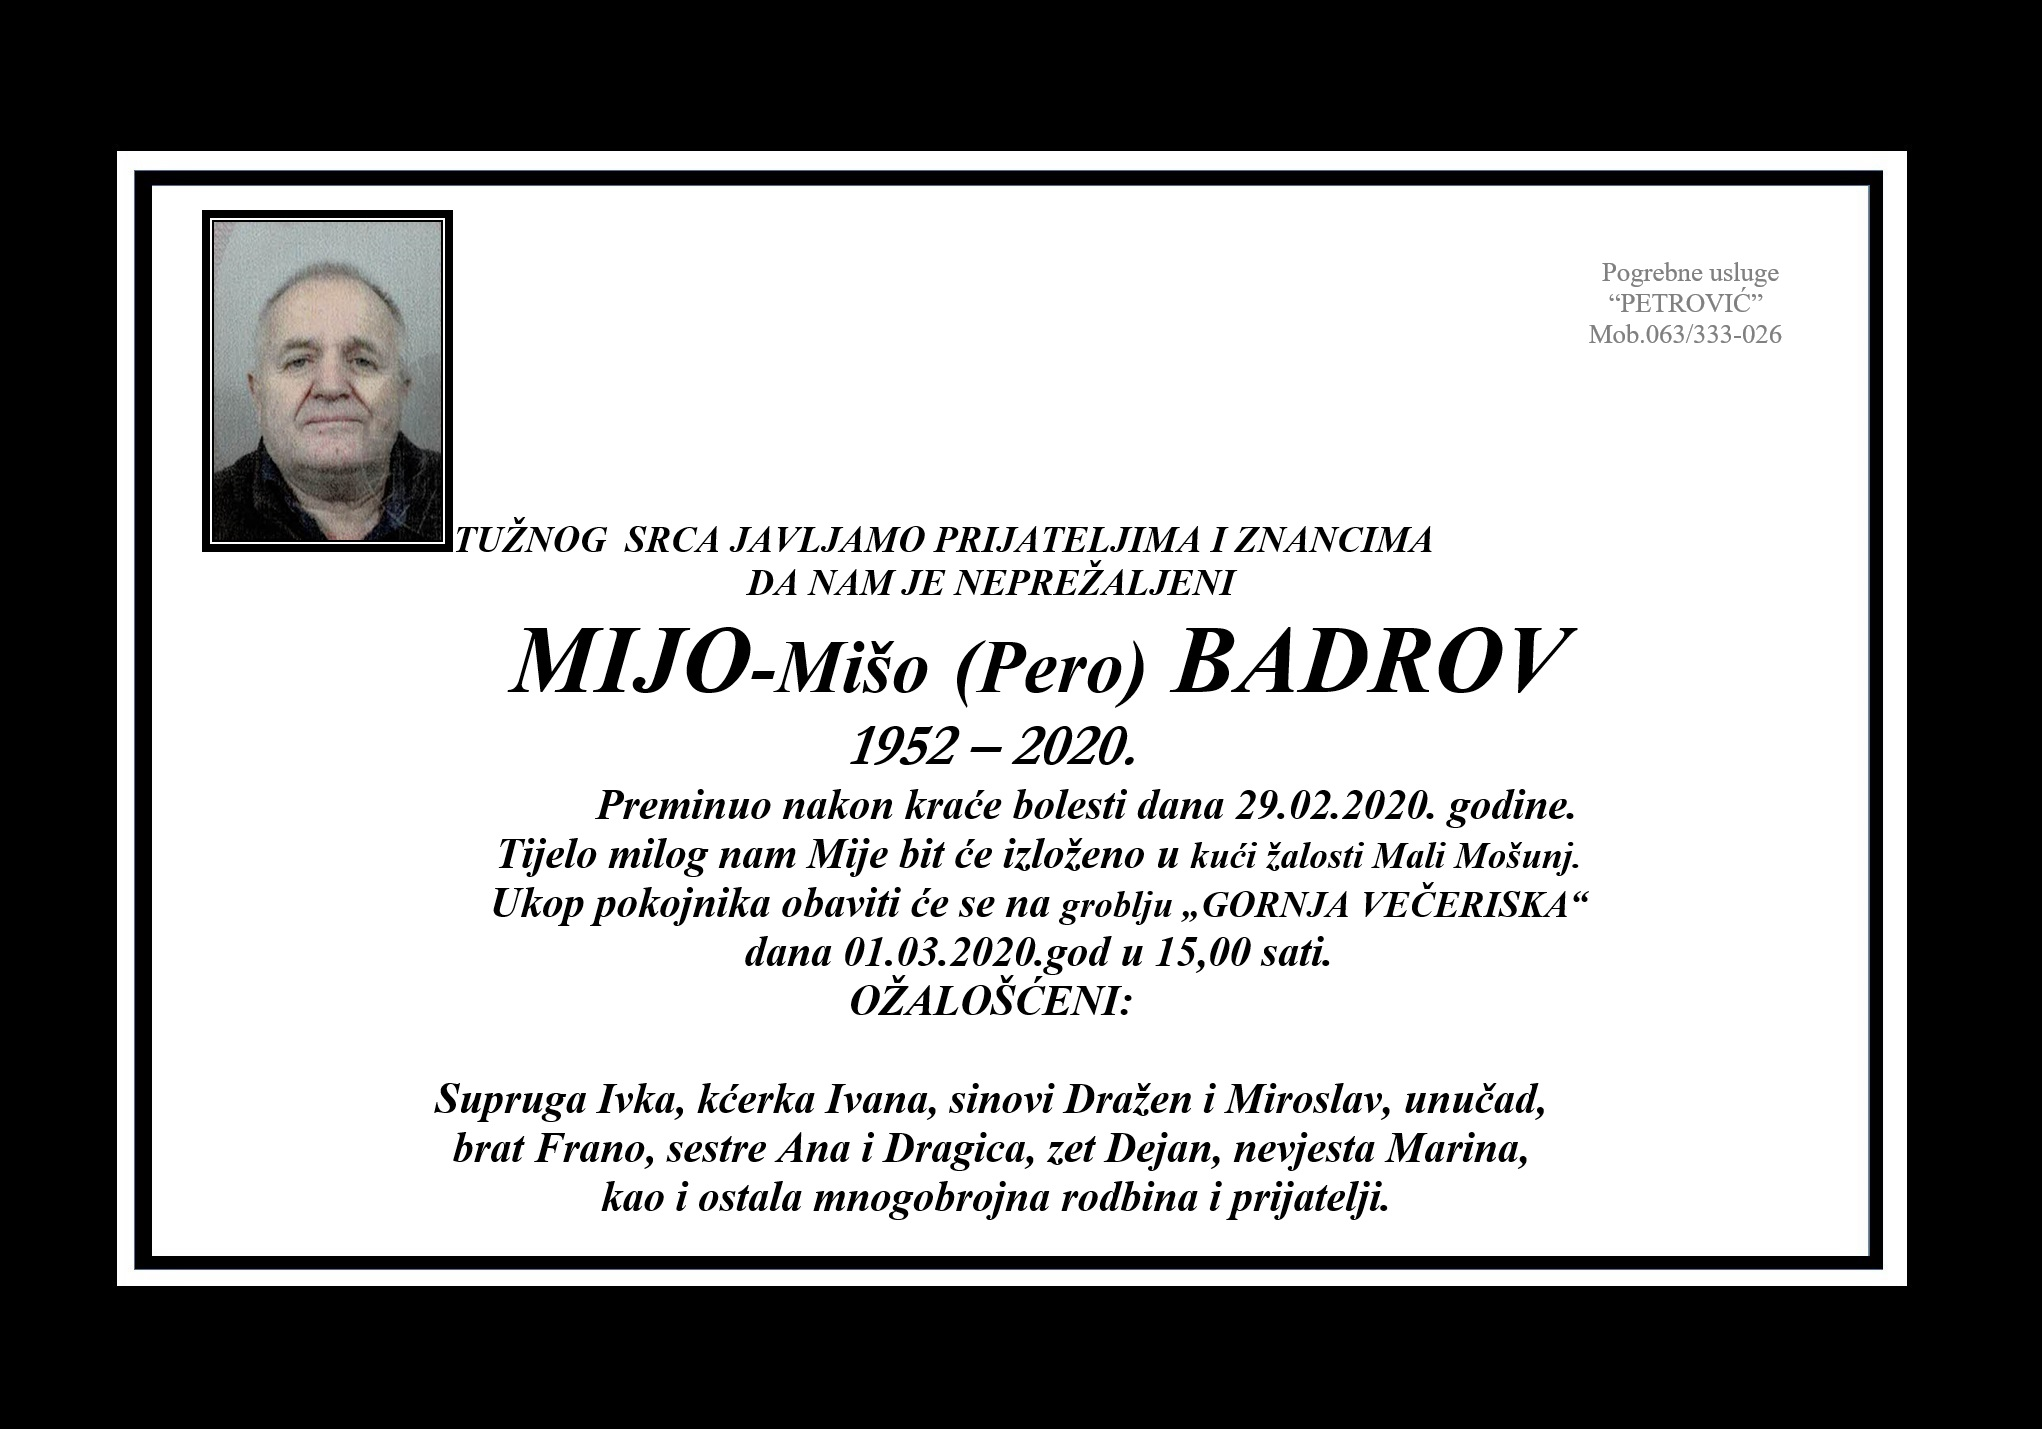 Mijo-Mišo (Pero) Badrov